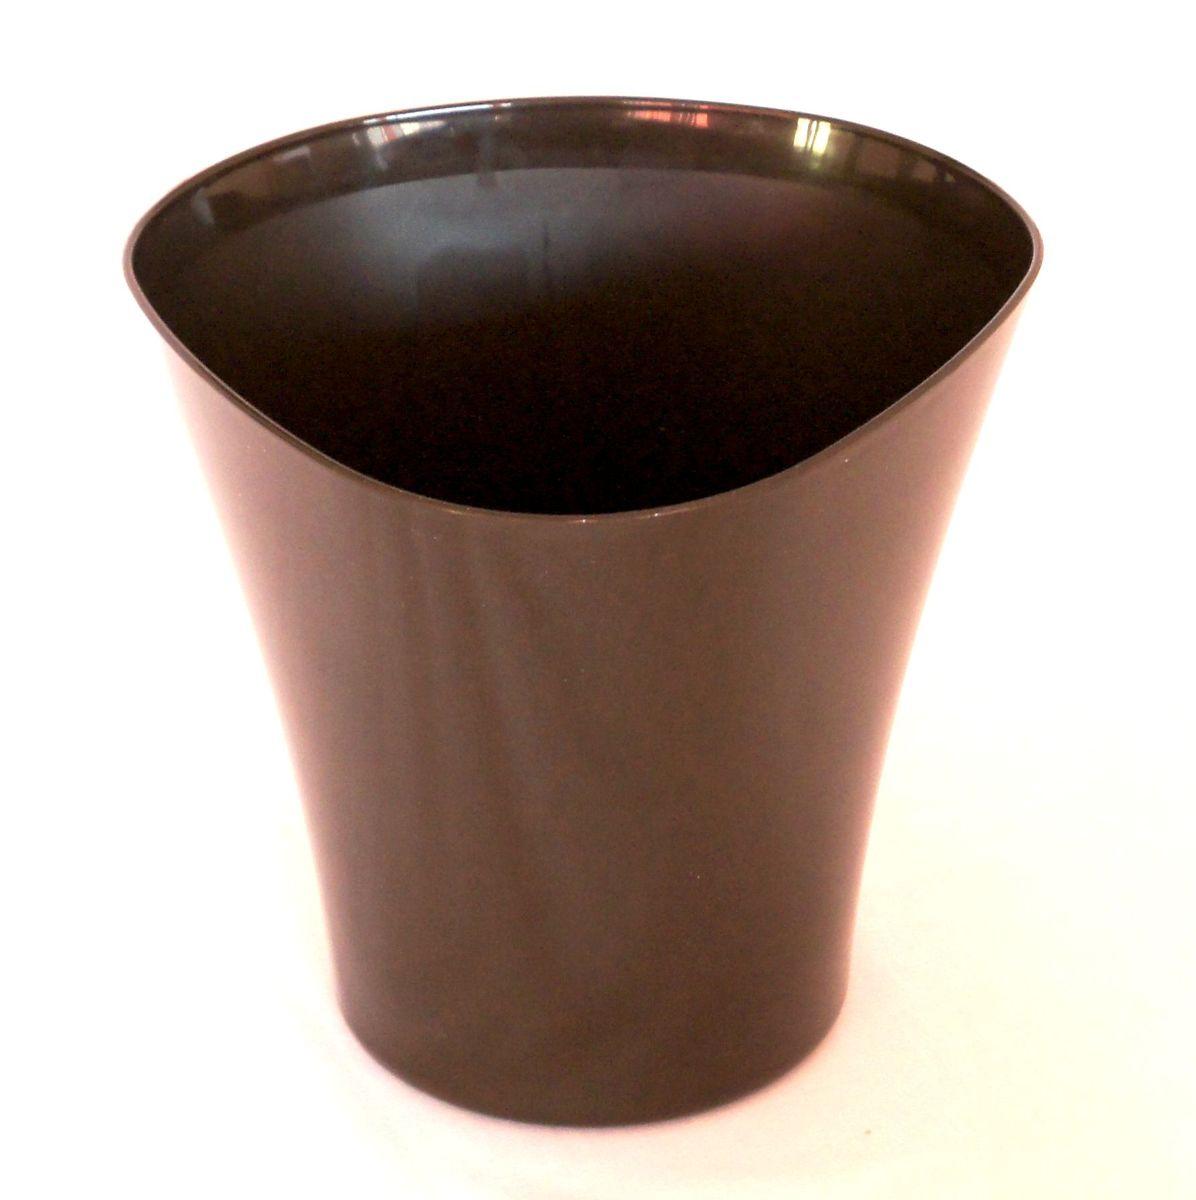 Кашпо JetPlast Волна, цвет: темный шоколад, 3 л4612754050604Кашпо Волна имеет уникальную форму, сочетающуюся как с классическим, так и с современным дизайном интерьера. Оно изготовлено из прочного полипропилена (пластика) и предназначено для выращивания растений, цветов и трав в домашних условиях. Такое кашпо порадует вас функциональностью, а благодаря лаконичному дизайну впишется в любой интерьер помещения. Объем кашпо: 3 л.